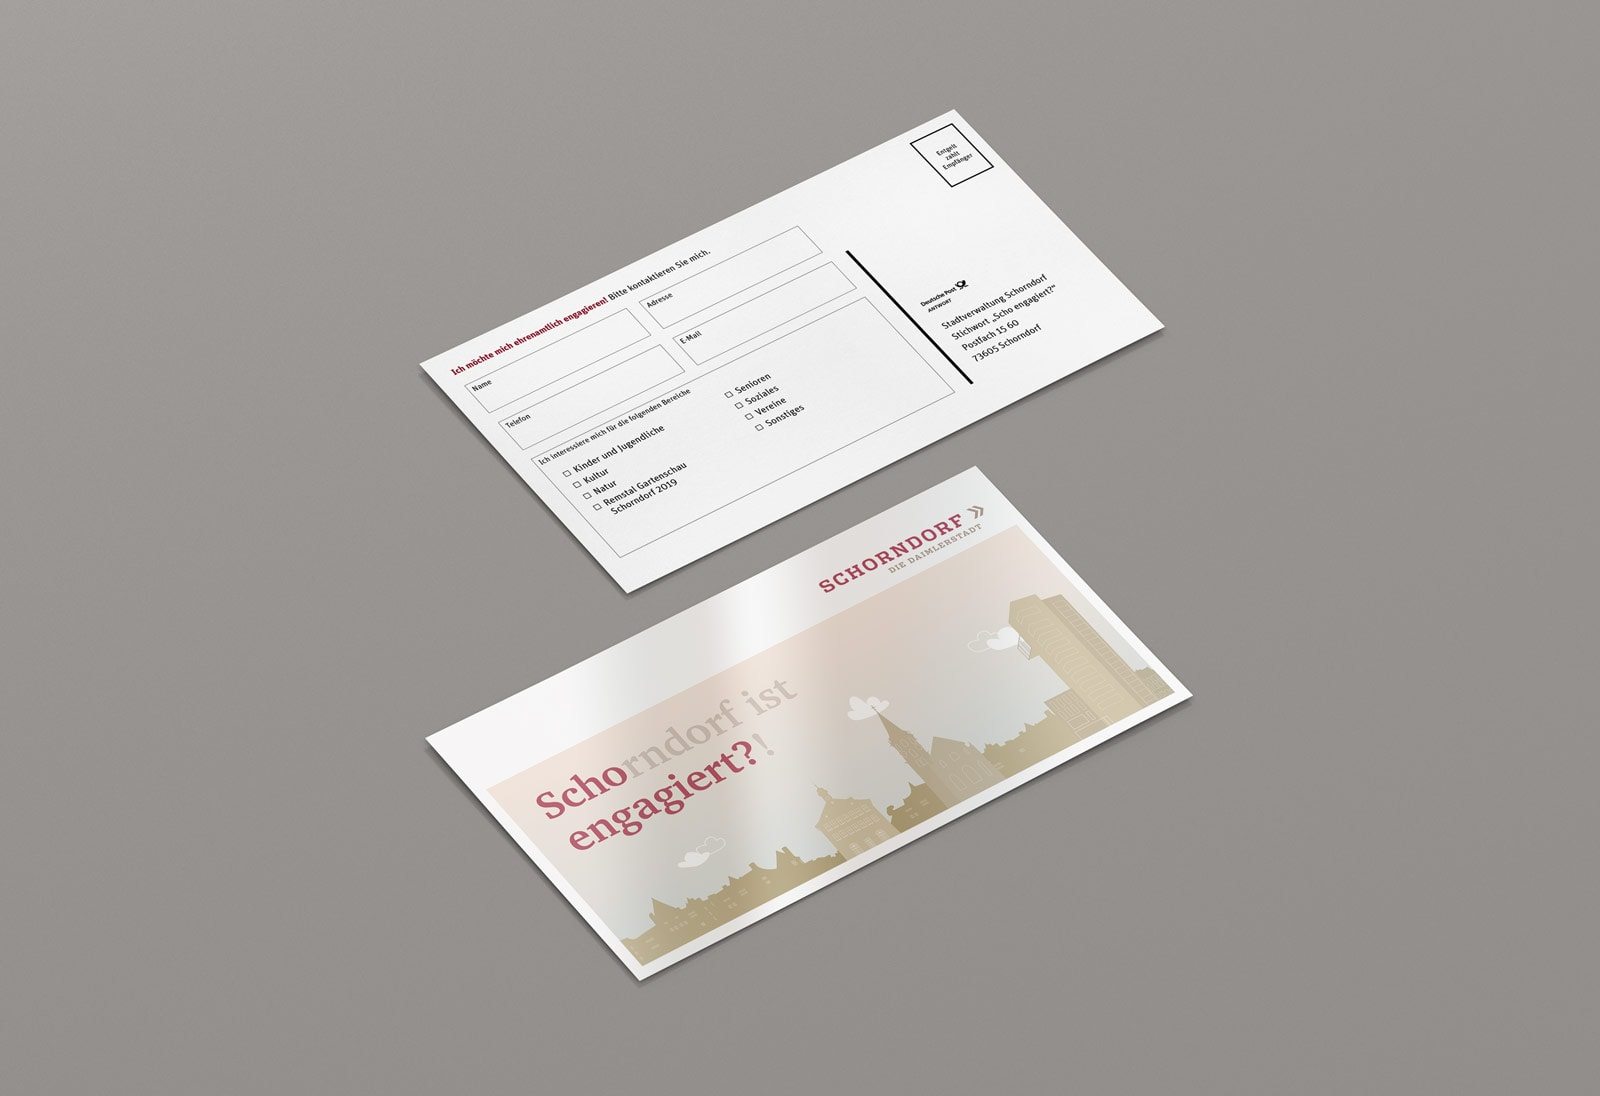 Scho-engagiert, Maxi-Postkarte, Werbemittel, Stadt Schorndorf, Vorder- und Rückseite 2